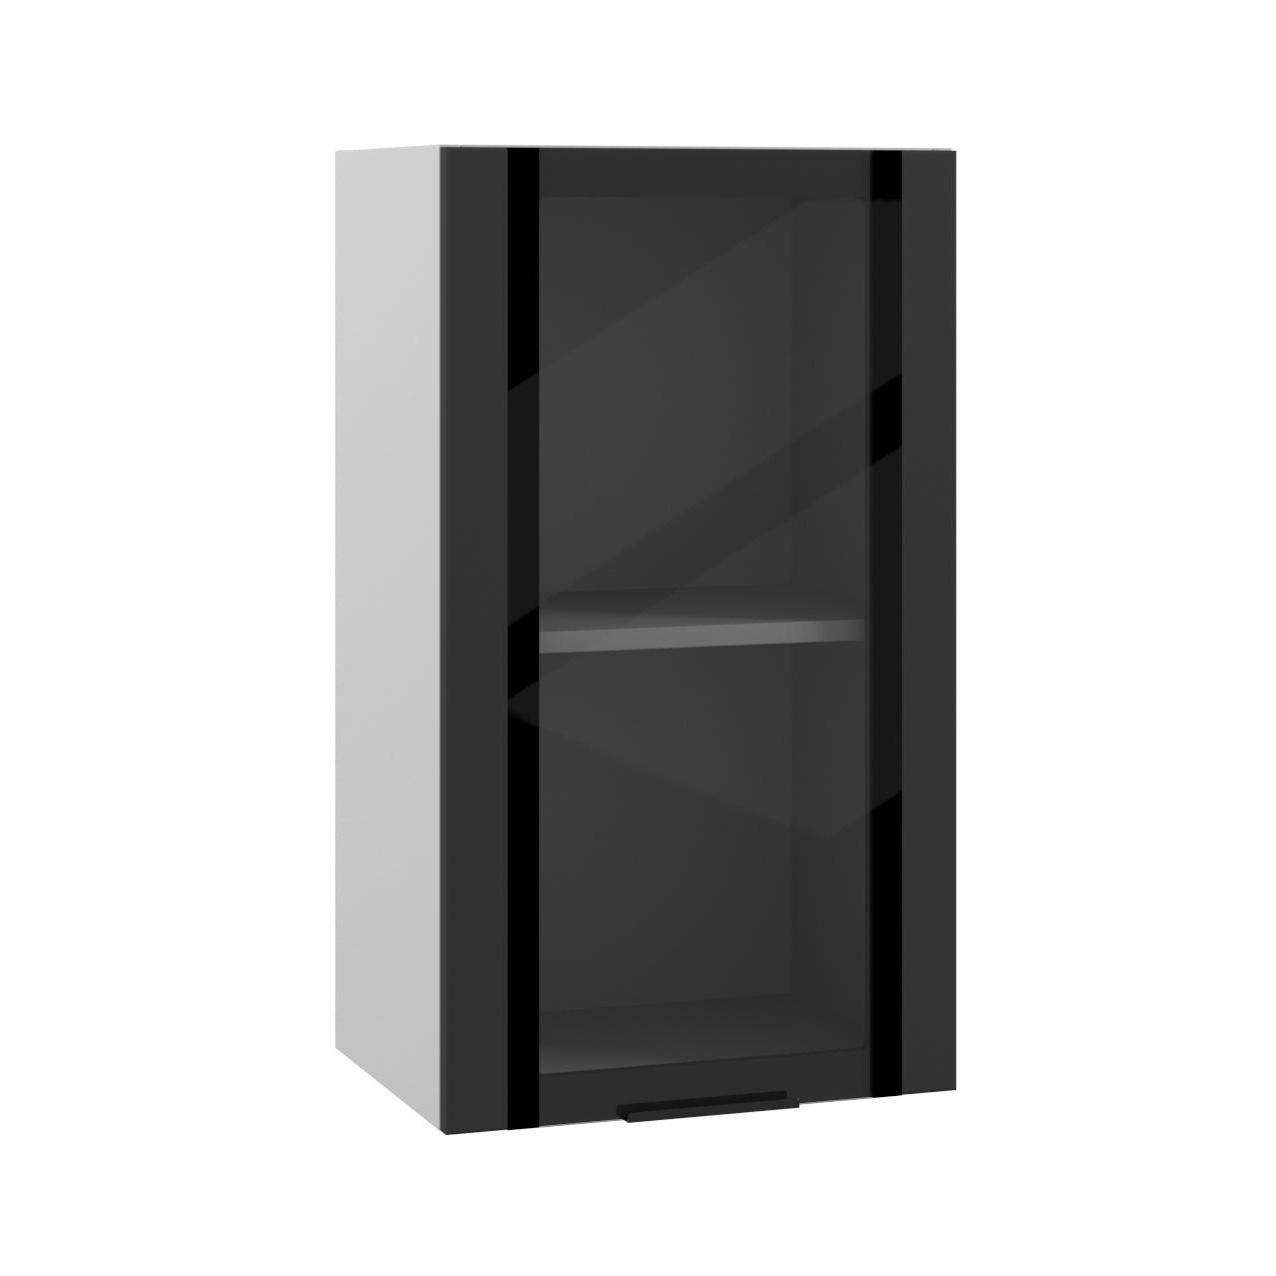 Кухня Квадро ПВС 400 Шкаф верхний стекло